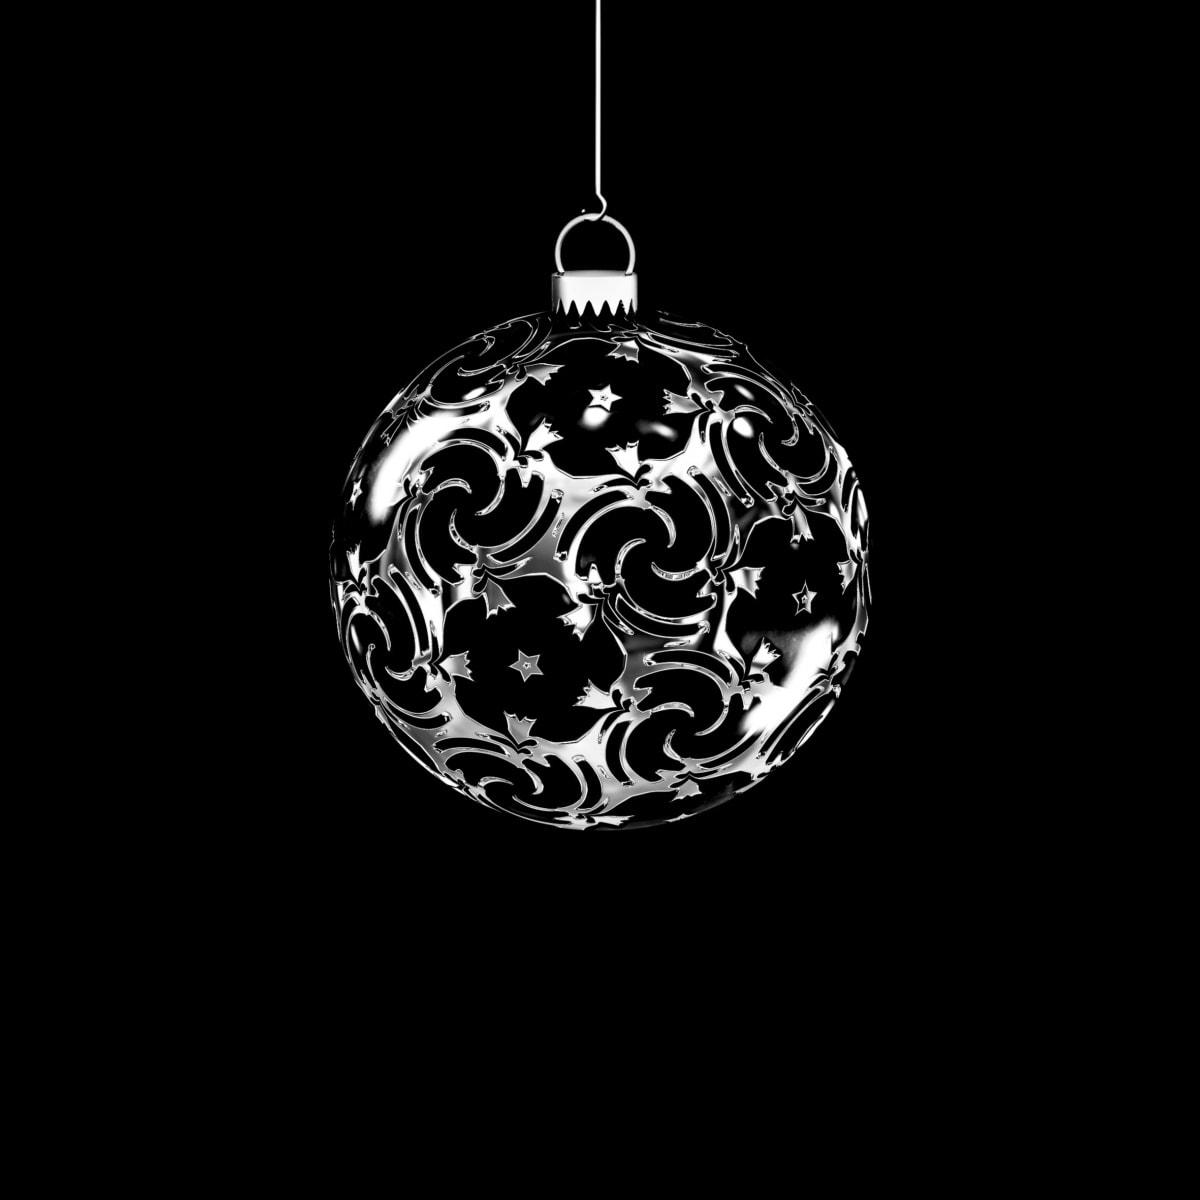 metaliczne, czarno-białe, dekoracja, Boże Narodzenie, ornament, fantazja, wiszące, Kula, Biżuteria, okrągłe